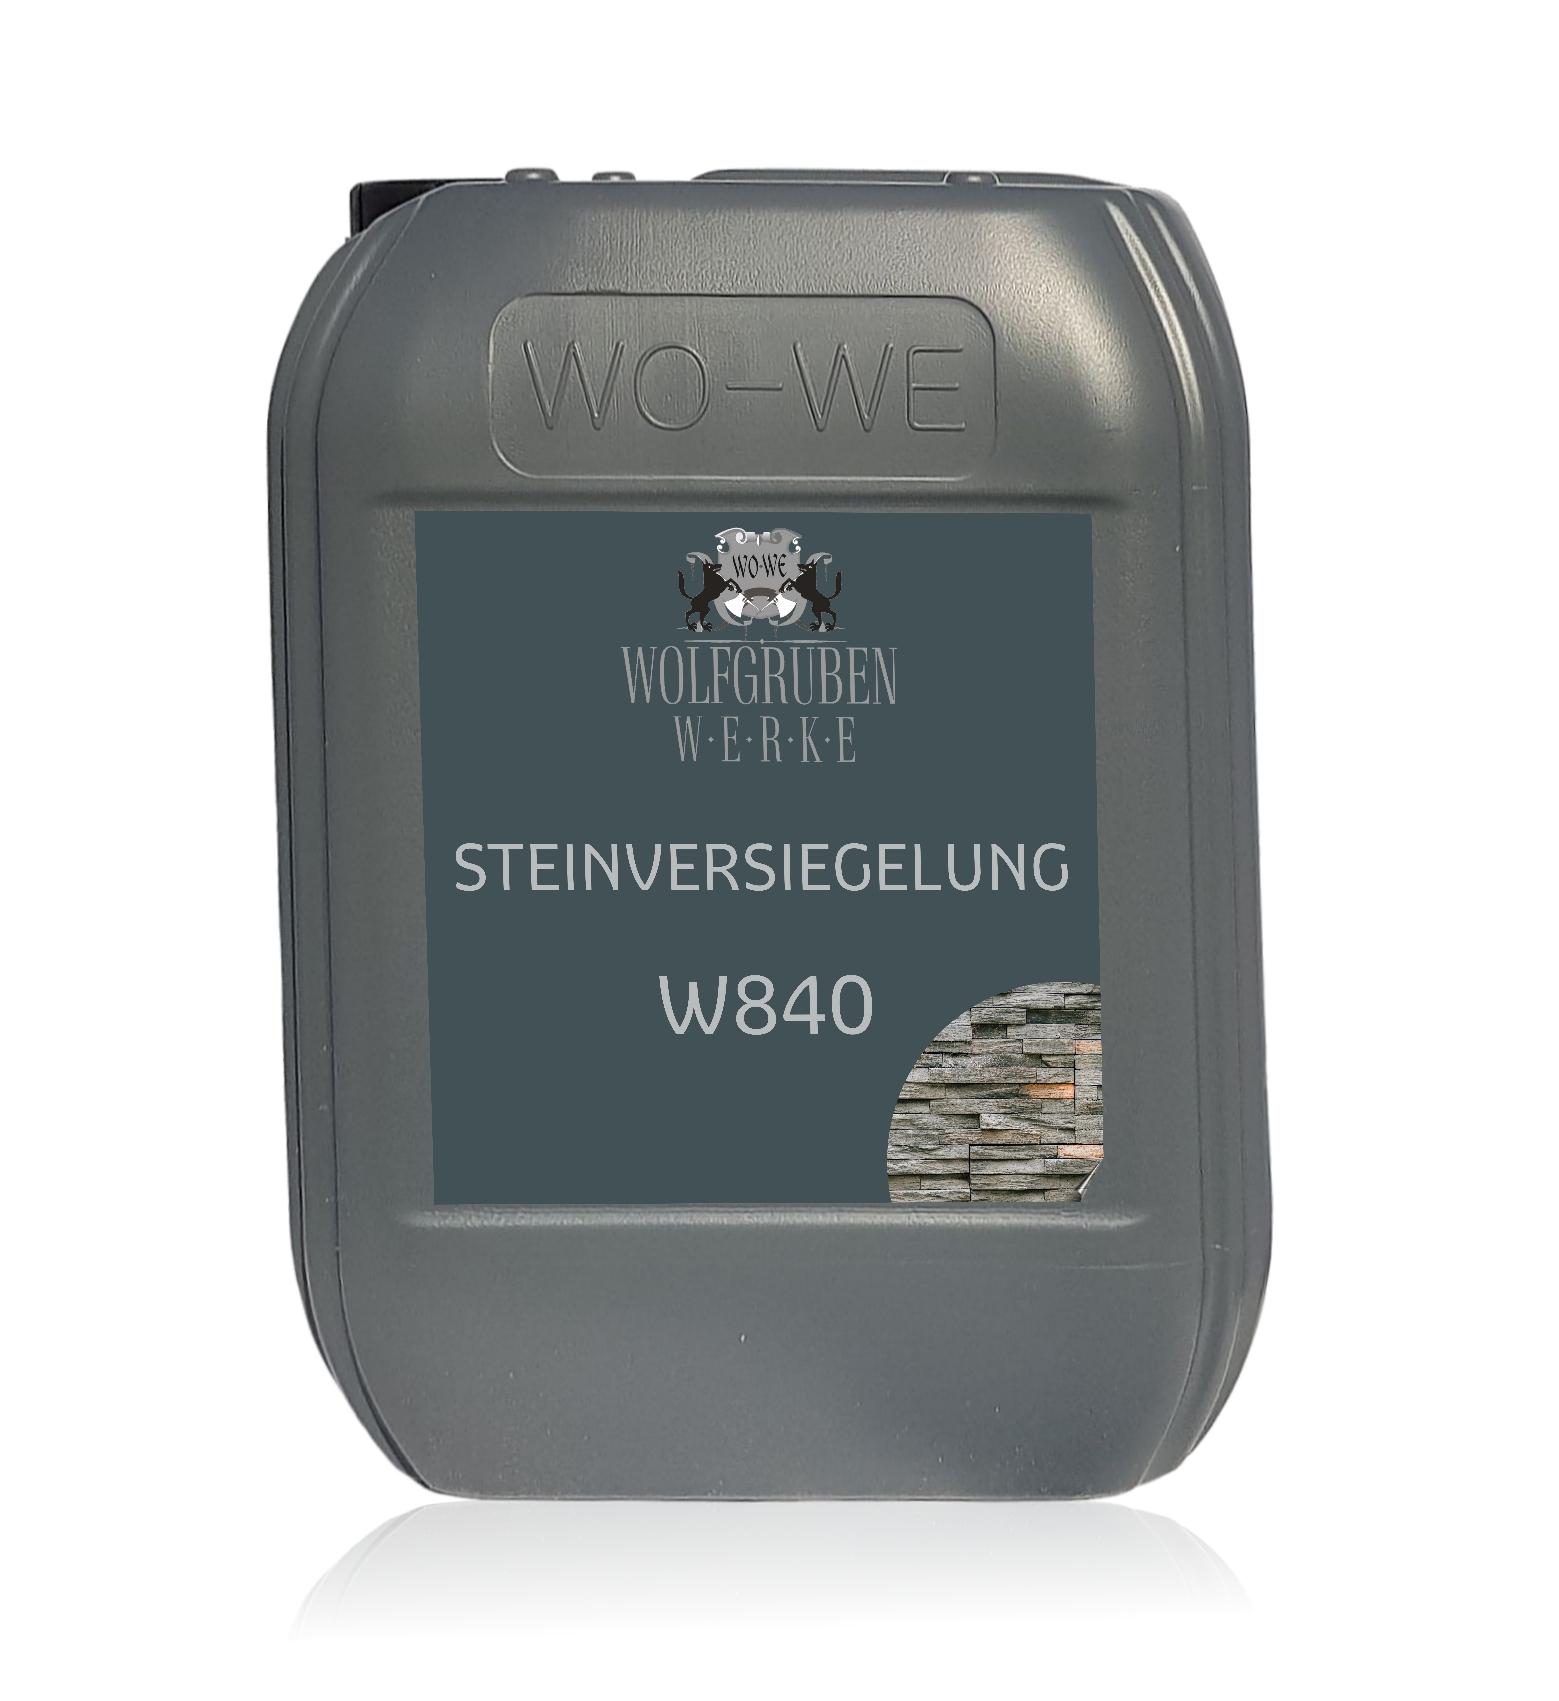 W840.jpg?dl=0